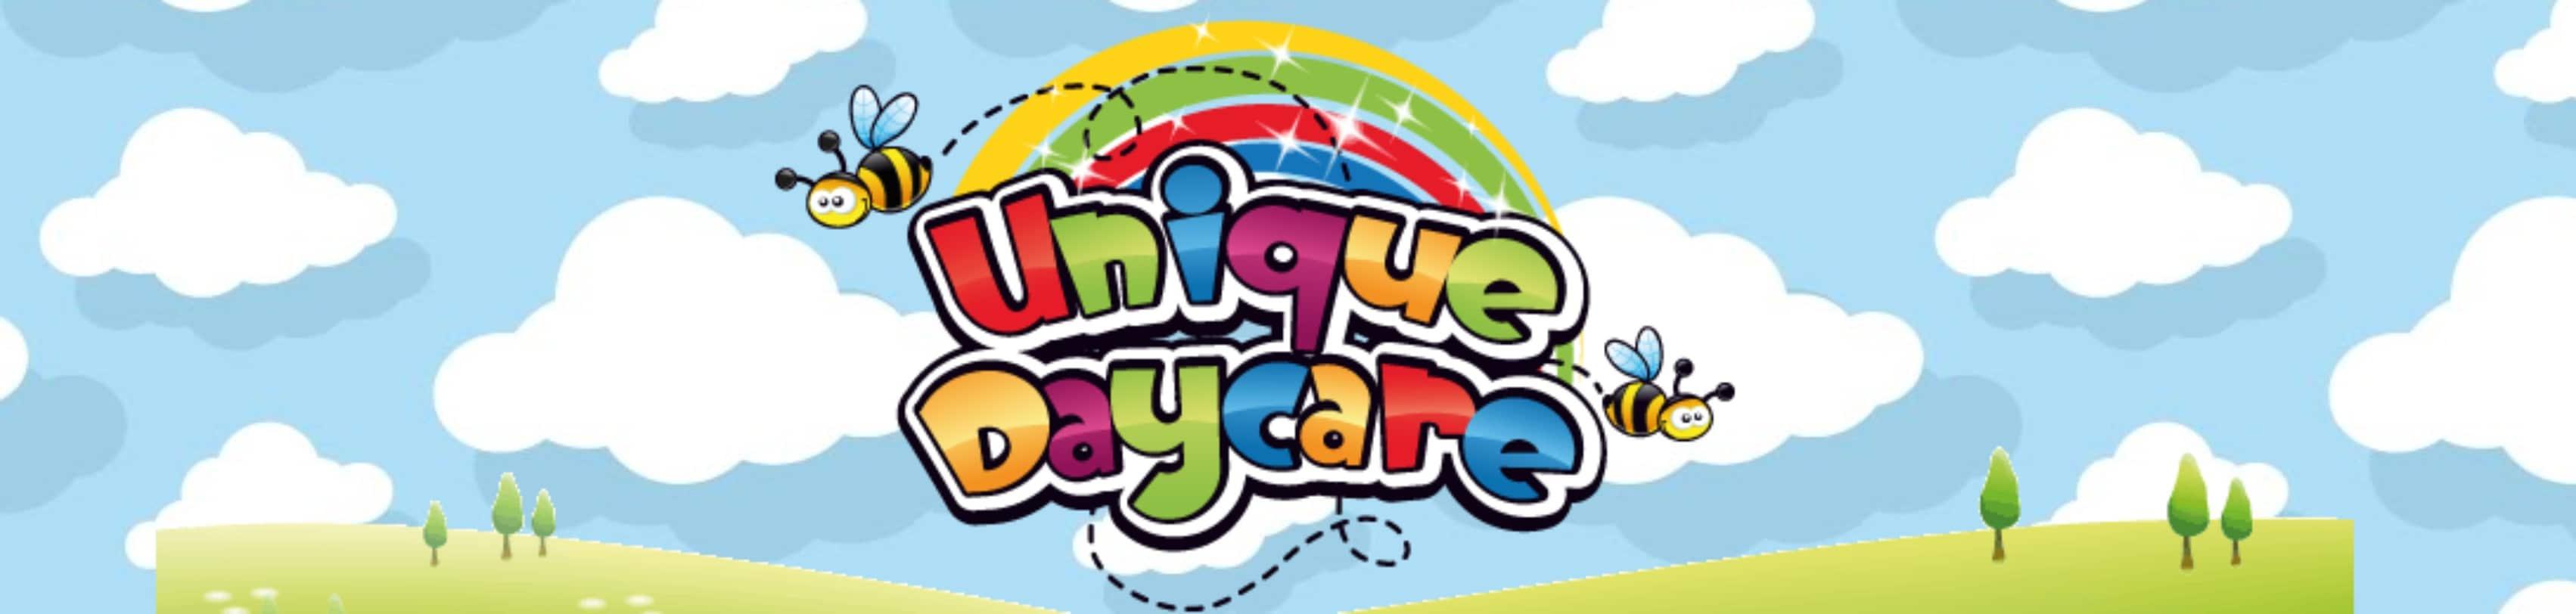 Unique Daycare – Kempton Park